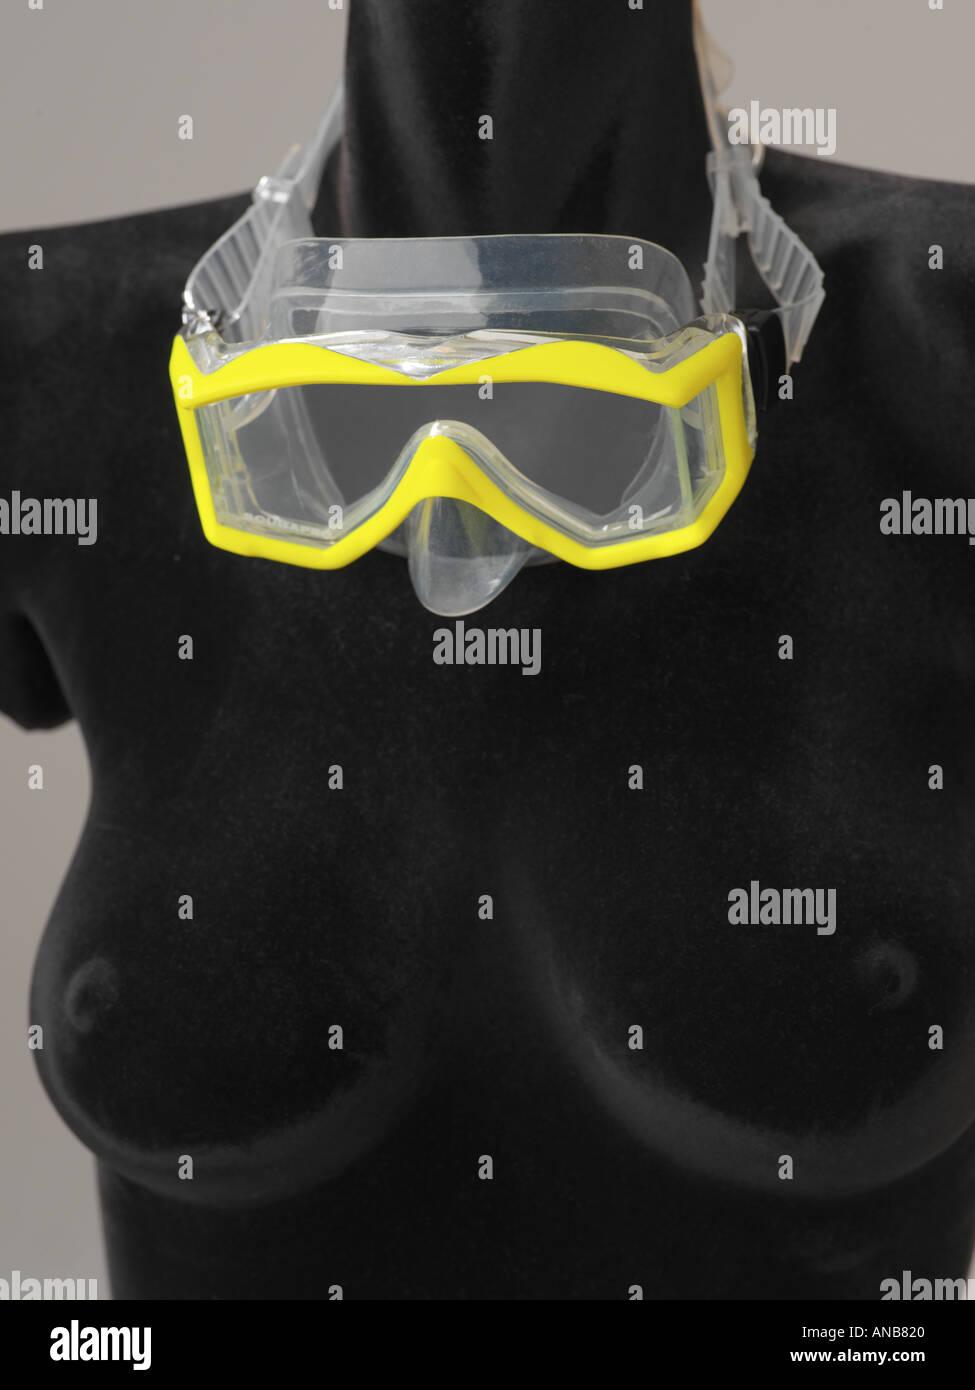 Lo snorkeling e le immersioni con scuba mask con accento Giallo su nero forma femminile Immagini Stock